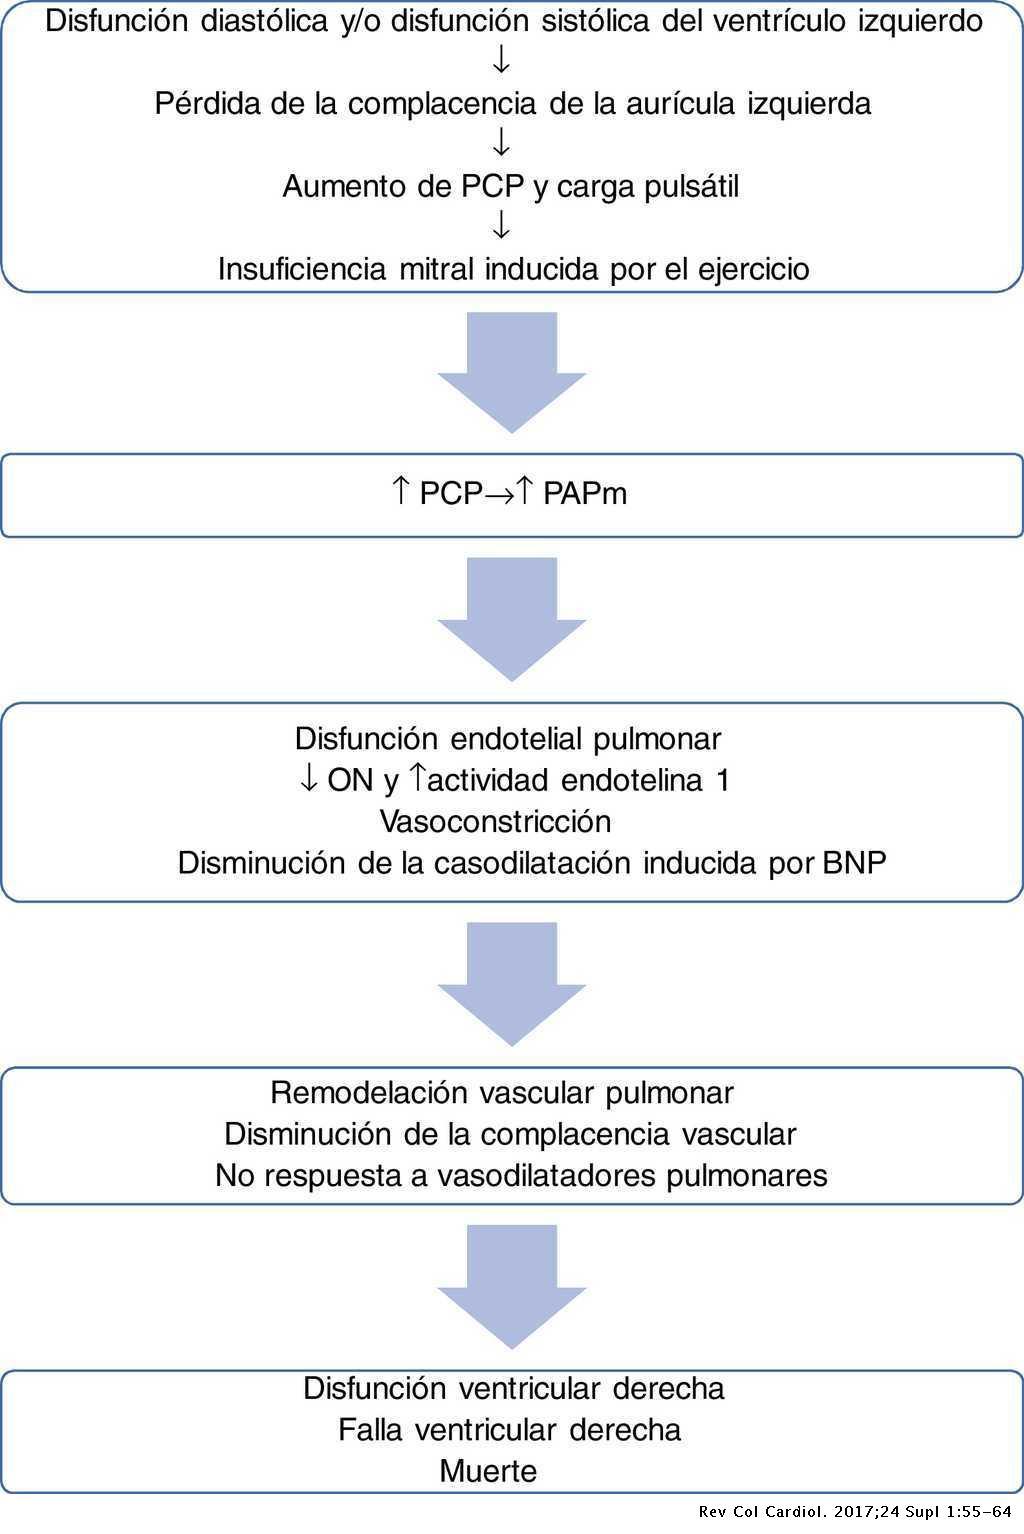 Hipertensión pulmonar asociada a enfermedad cardiaca..